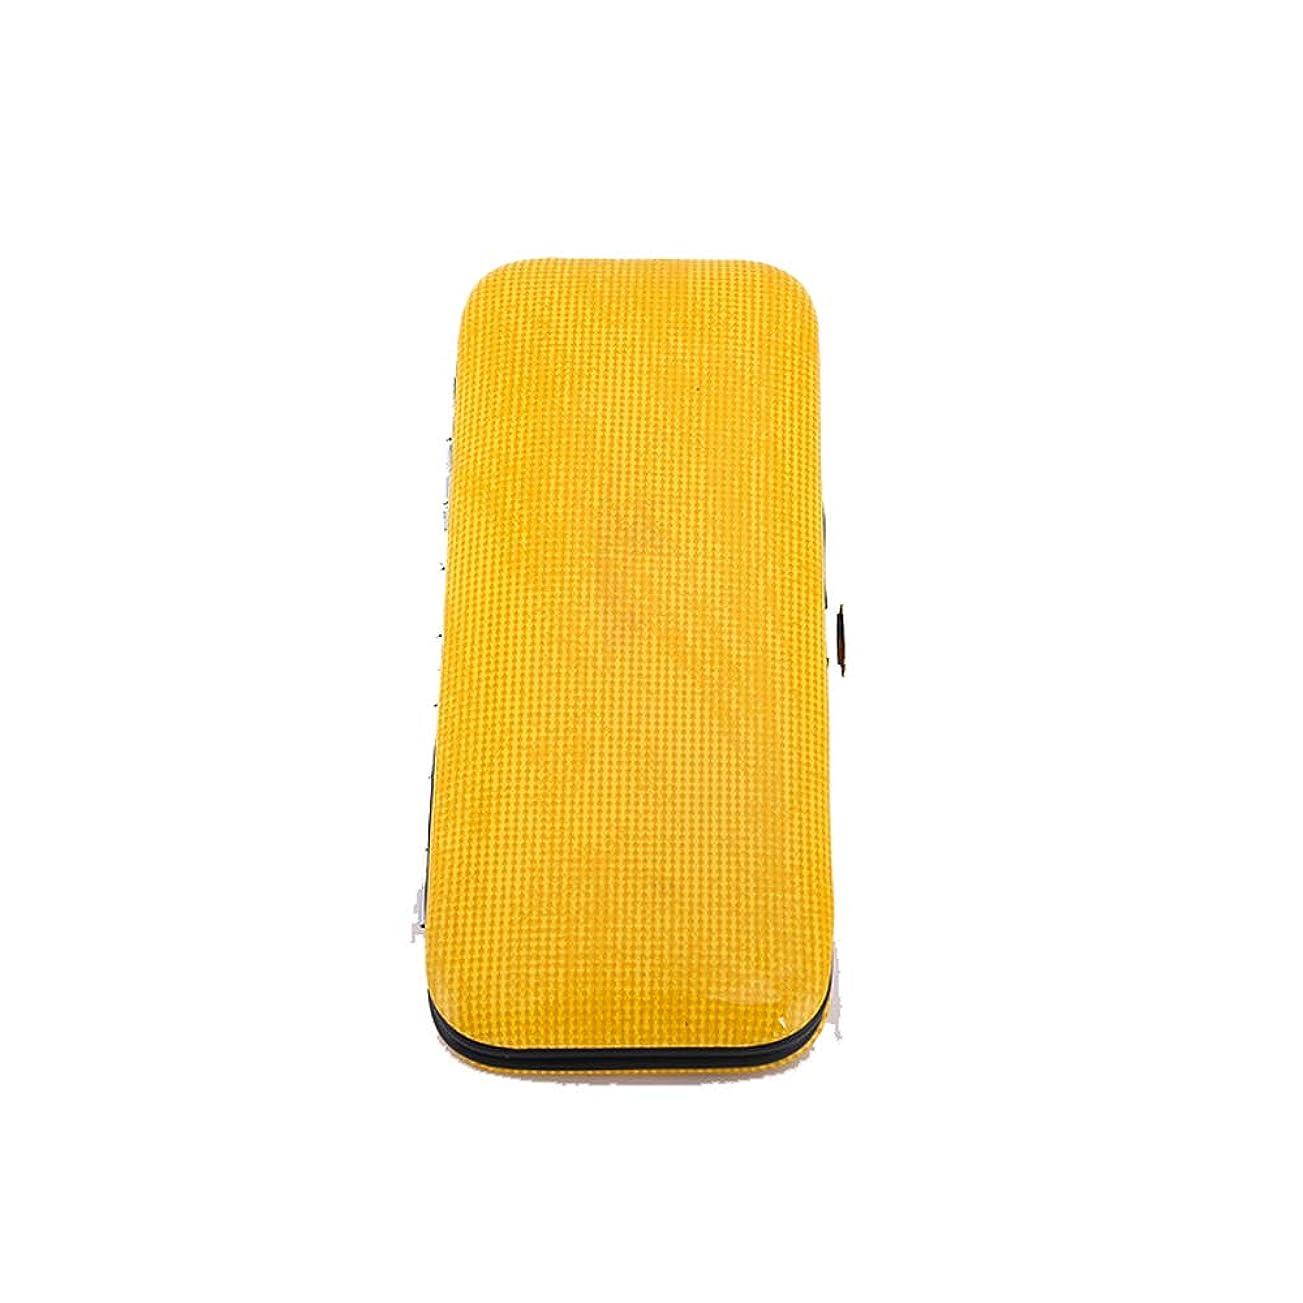 保有者バーマド遠え便利な爪切り ステンレススチールネイルクリッパーセットネイルクリッパーセット8個セット美容ネイルツールセット ネイルドレッシングツール (色 : 黄)